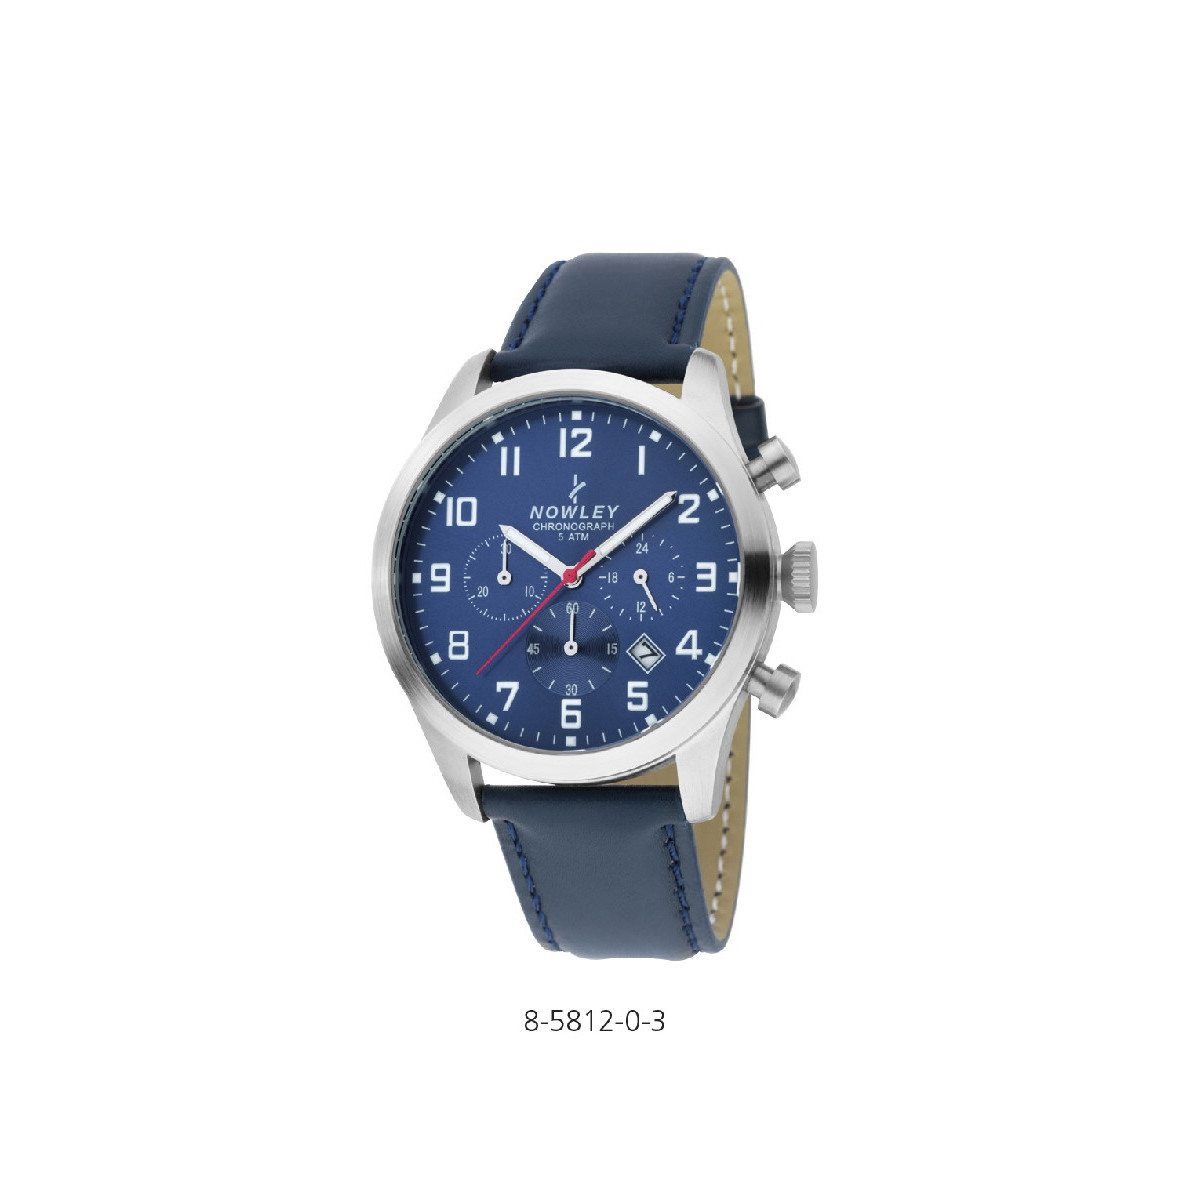 Reloj Nowley - 8-5812-0-3